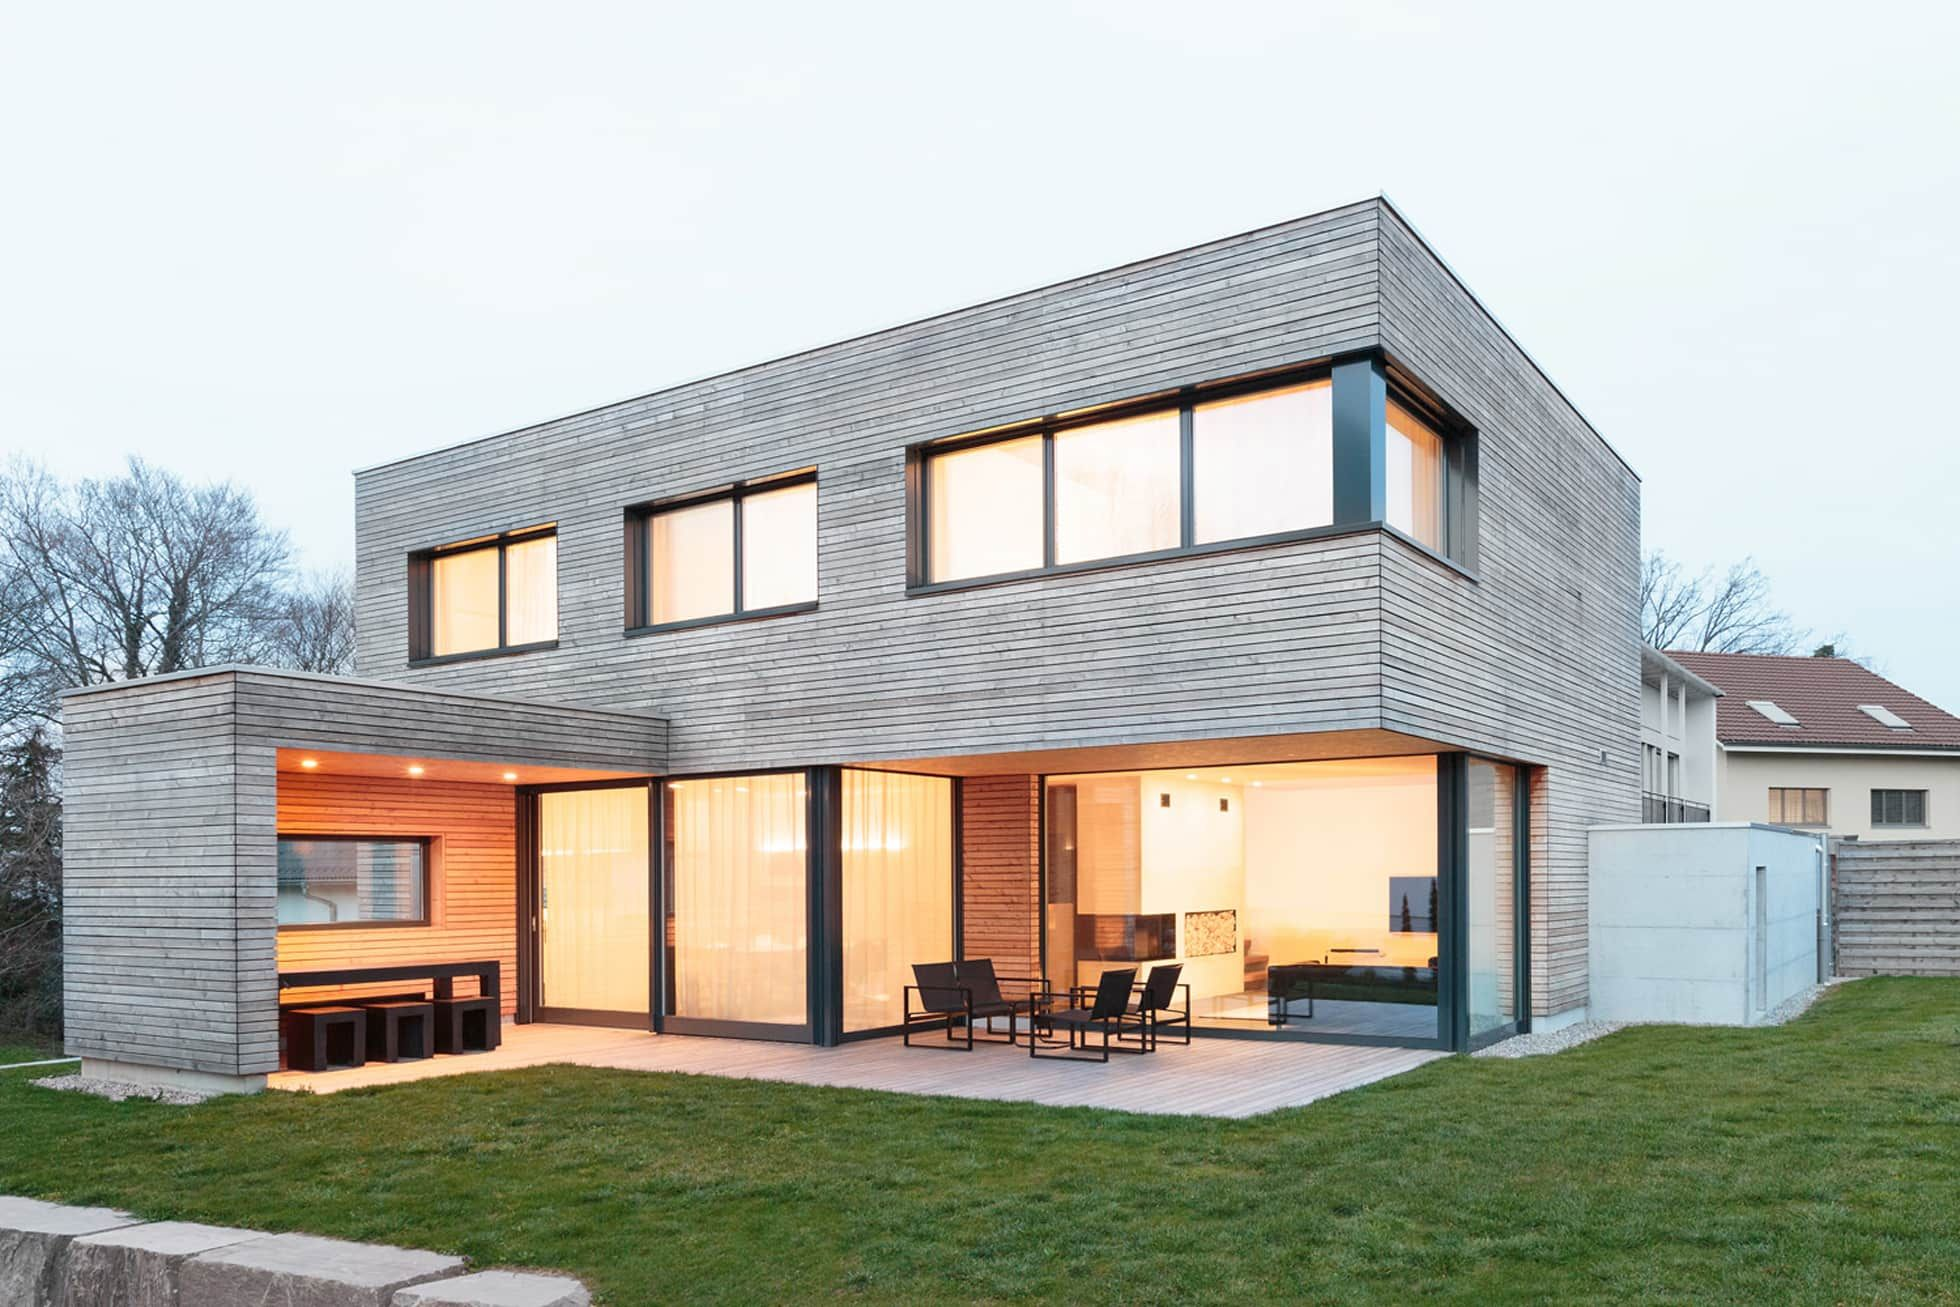 efh kirchberg h user von skizzenrolle 1 pinterest haus moderne h user und haus bauen. Black Bedroom Furniture Sets. Home Design Ideas